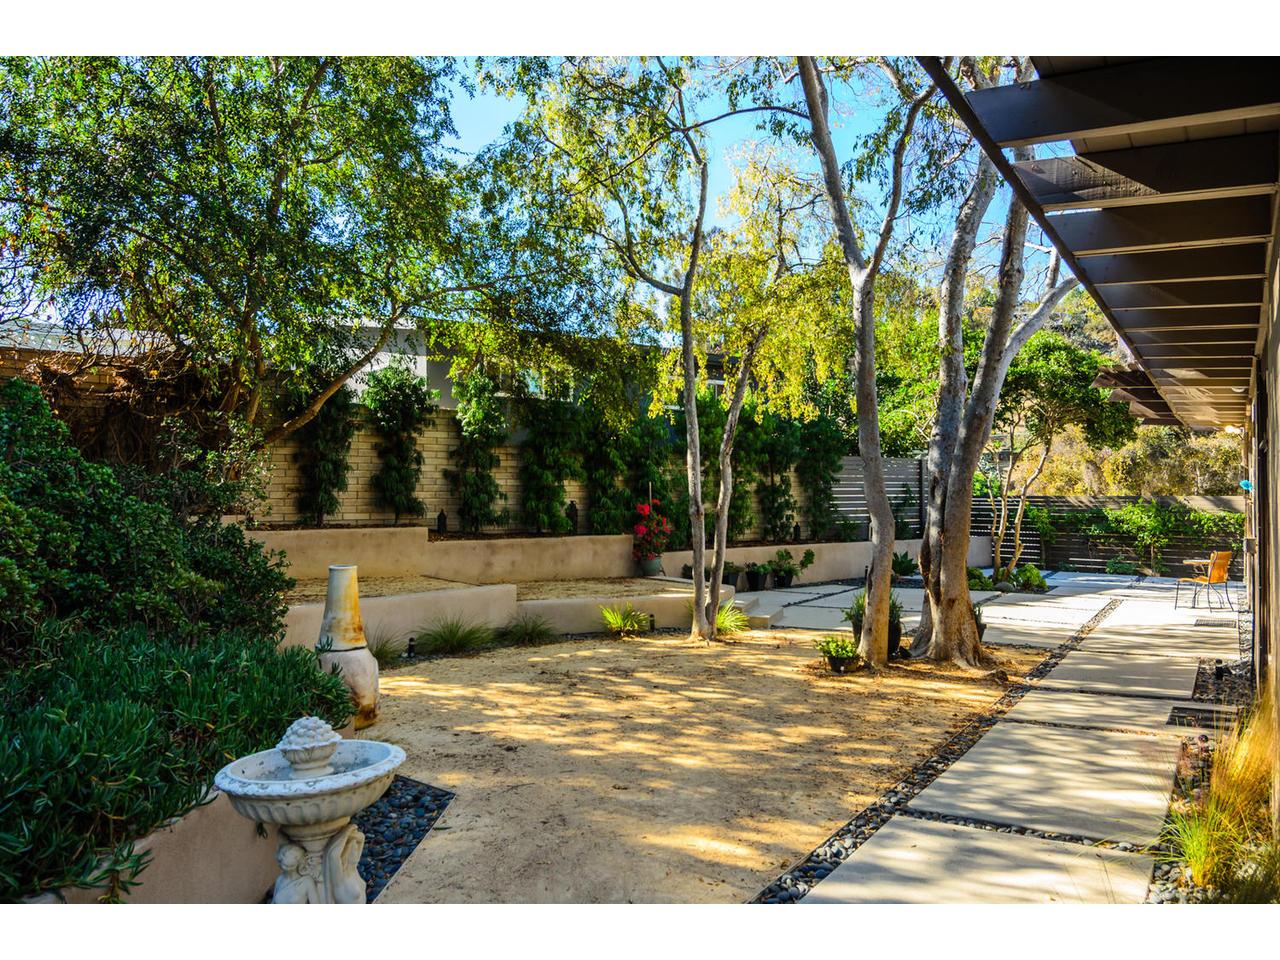 3065 Eagle St San Diego CA-MLS_Size-008-3065 Eagle Street San Diego CA-1280x960-72dpi.jpg